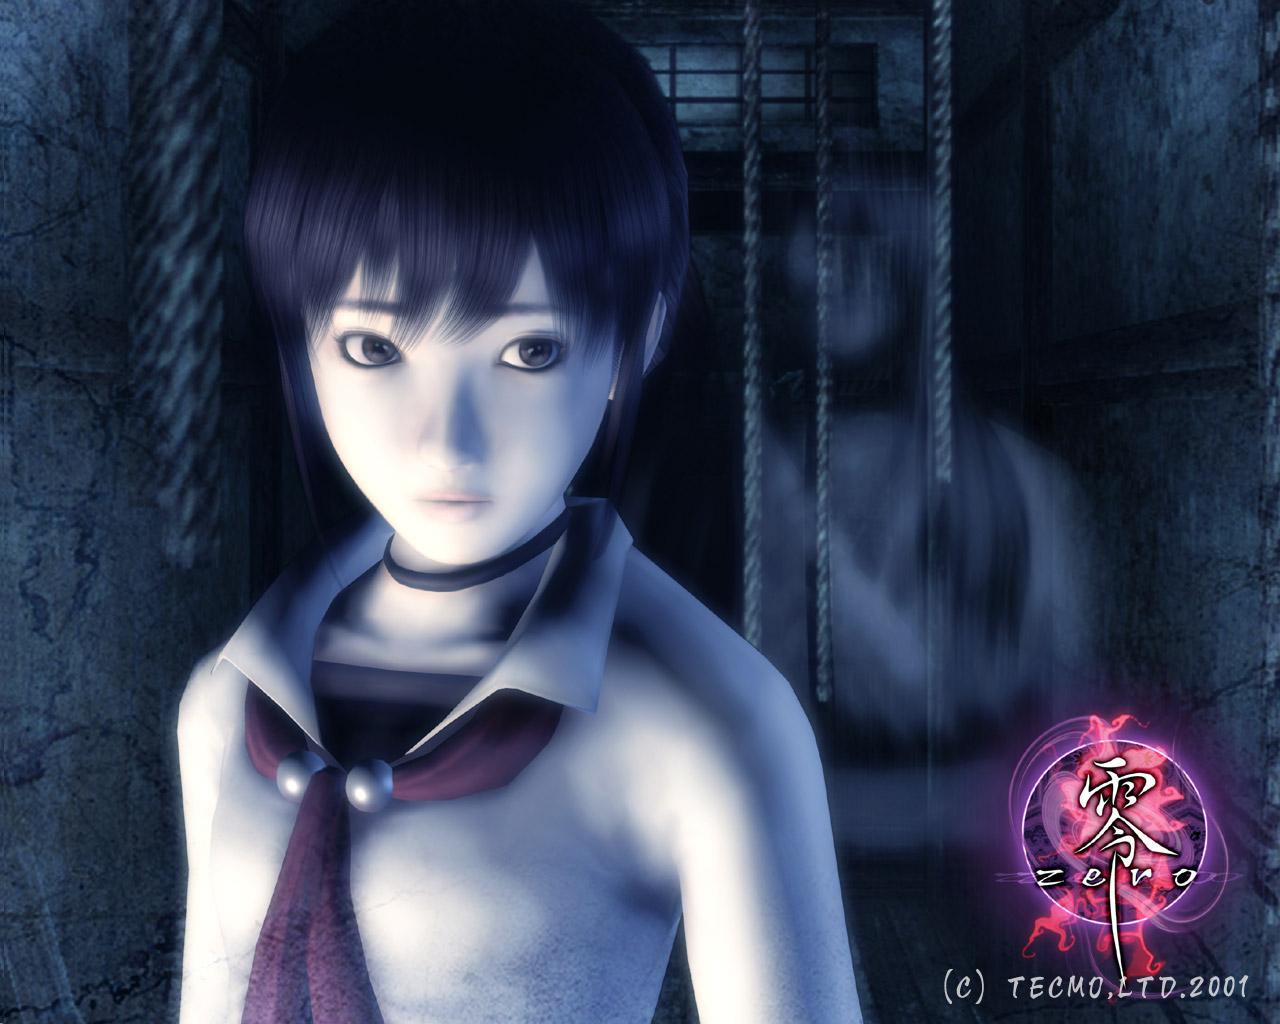 PlayStation 2: Fatal Frame Downloads at Ps2Fantasy.com